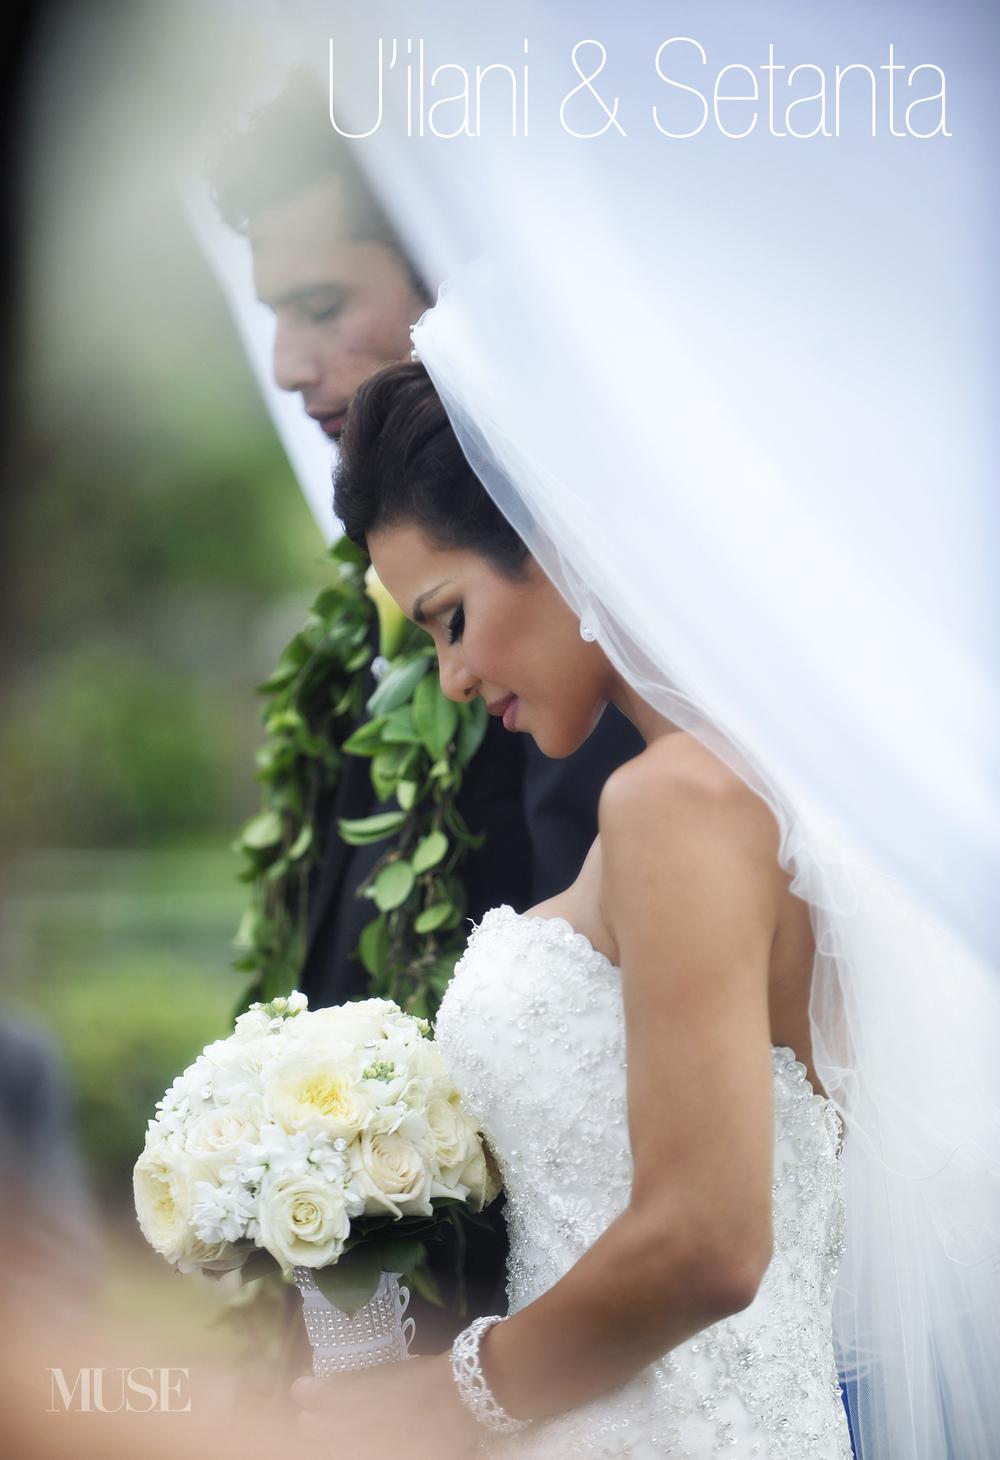 MUSE Bride - Weddings